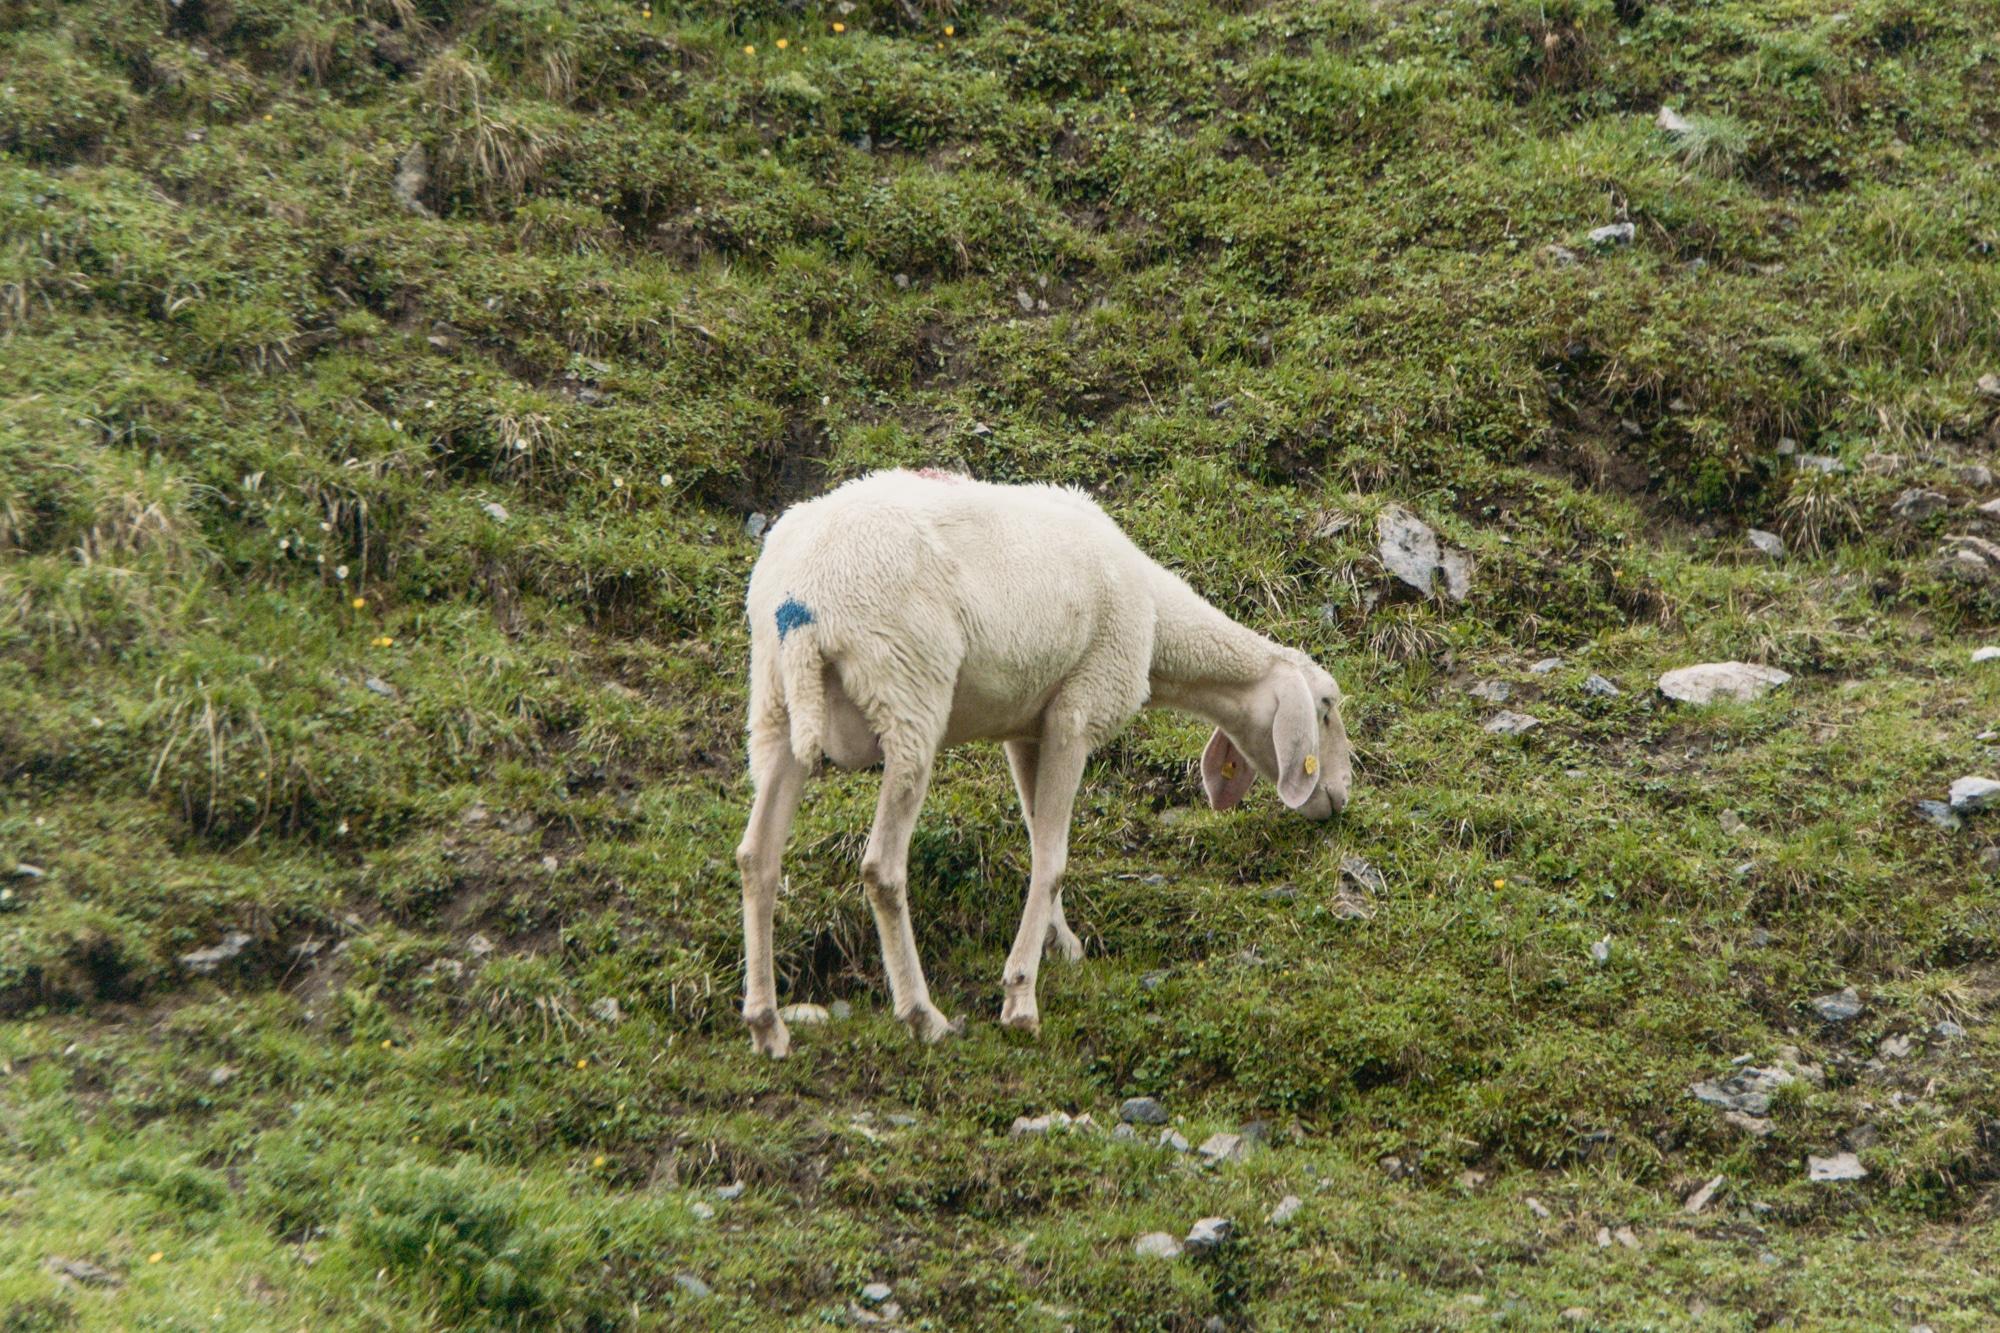 Innsbruck Sehenswürdigkeiten: Top Ten Highlights und Tipps für die Stadt - Hafekelar Schaf